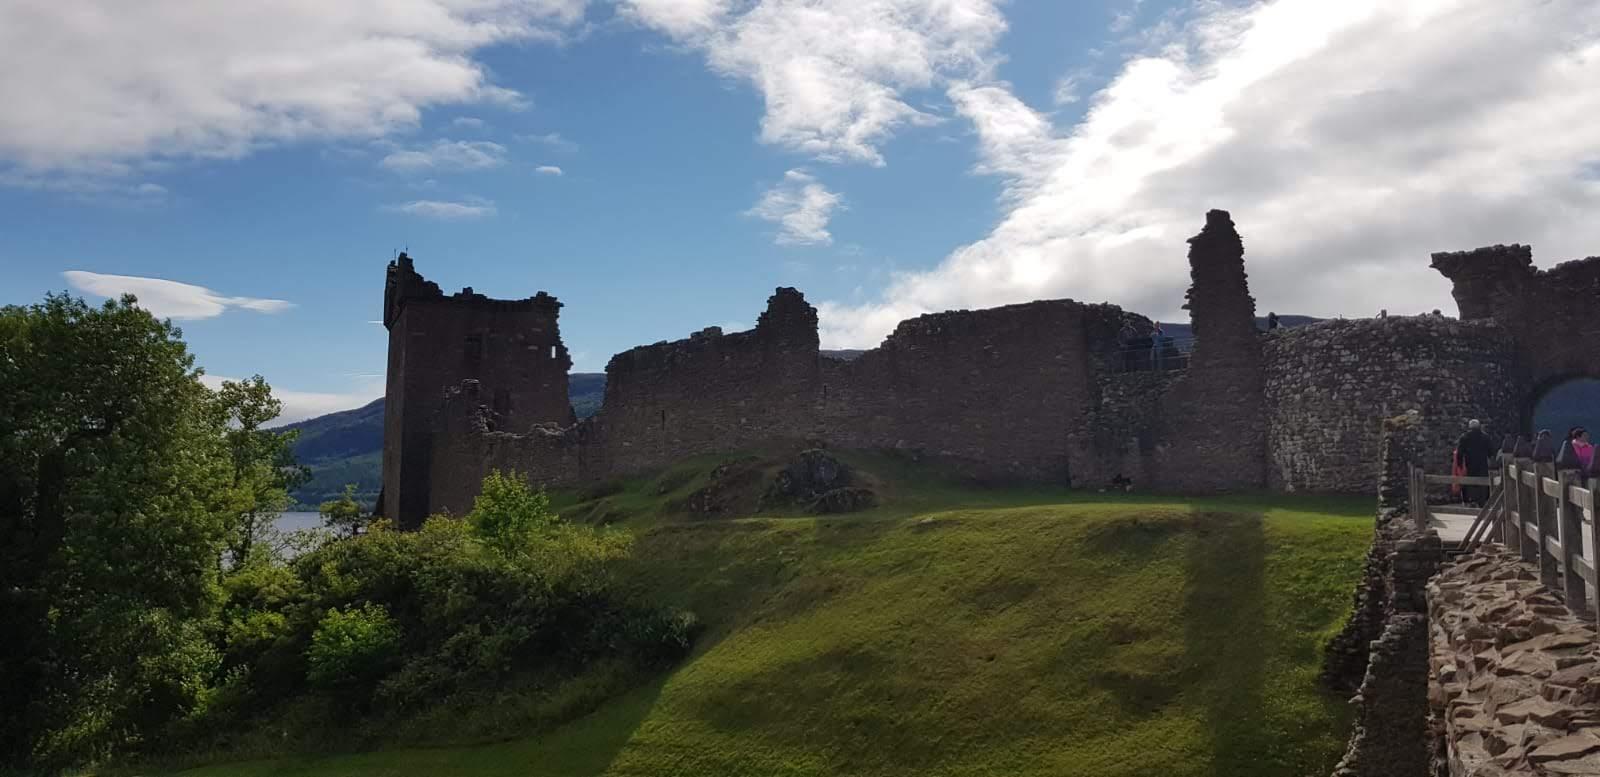 castello_di_urquhart_09